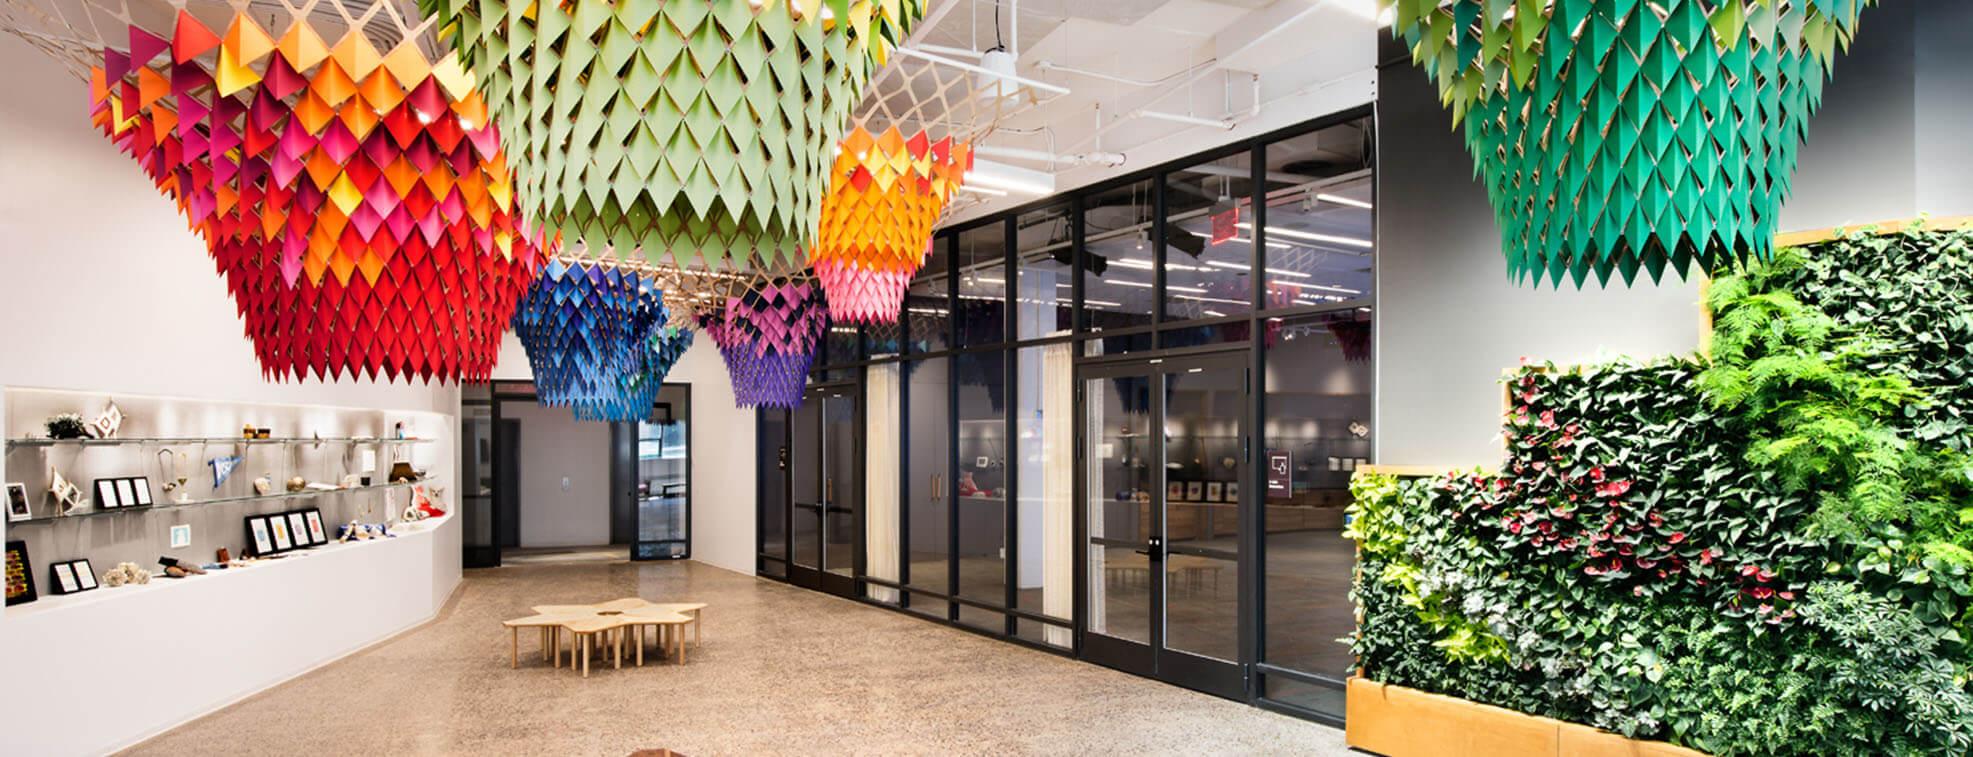 Etsy's Office Design